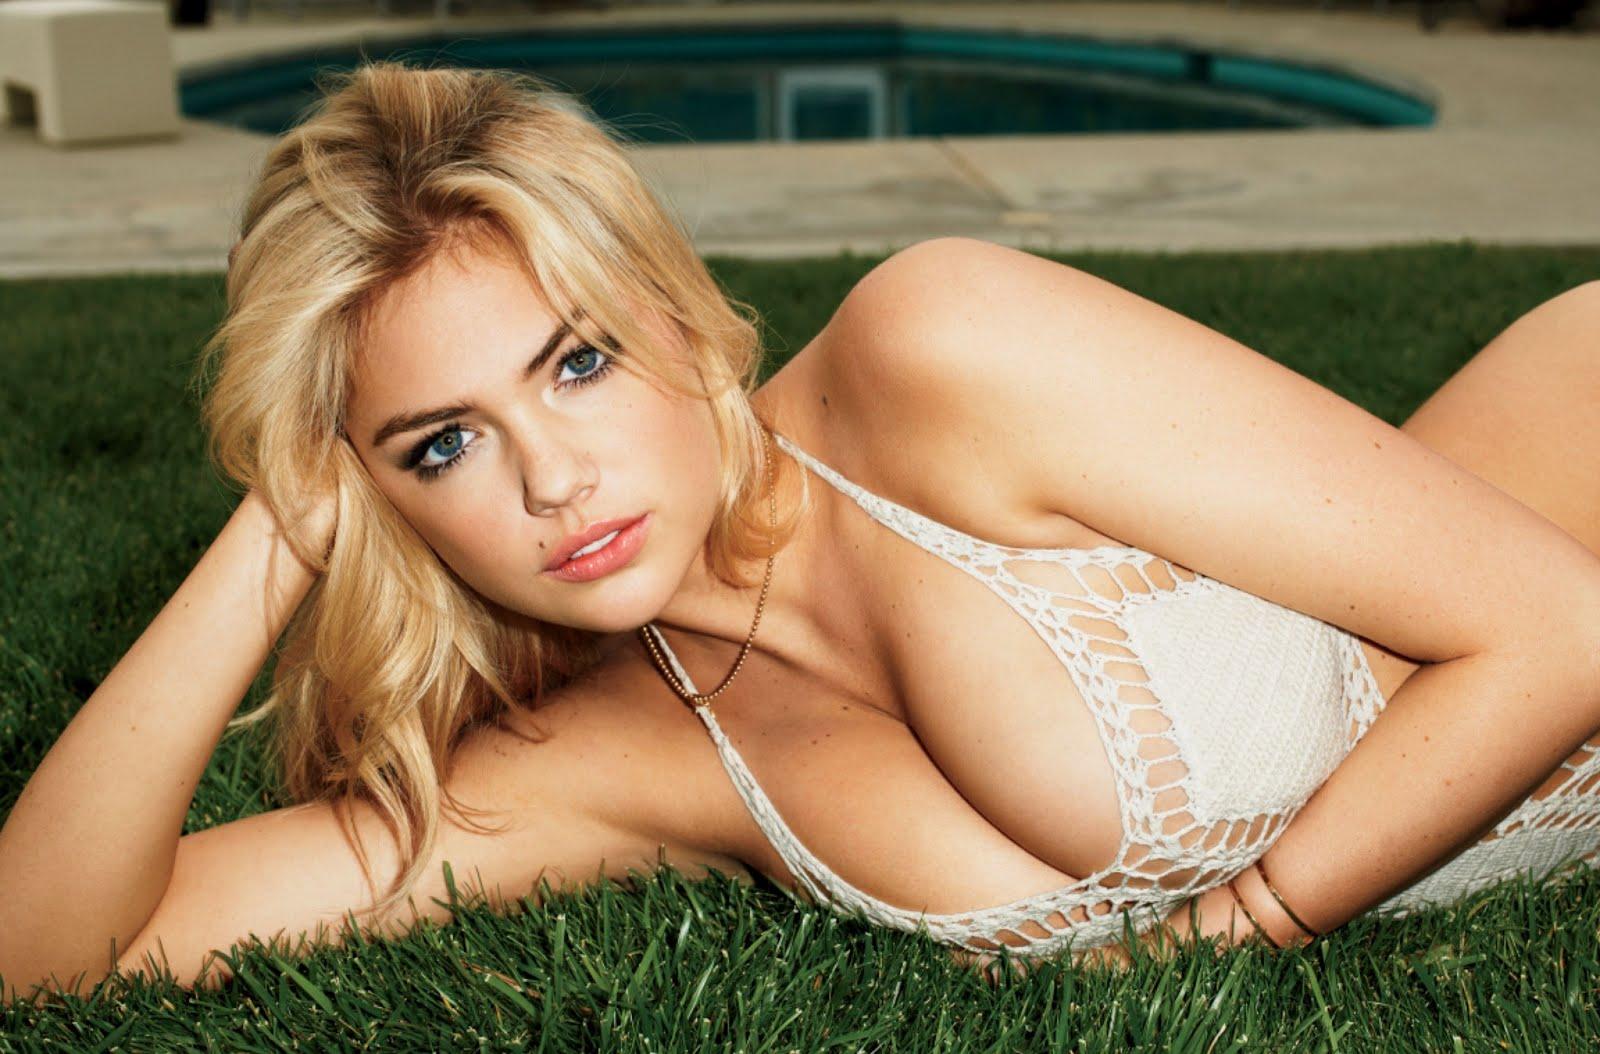 http://2.bp.blogspot.com/-o1u4uqYWfx4/T-tFAduLdgI/AAAAAAAAC7c/DVWdIwaIrXY/s1600/Kate-Upton-161.jpg